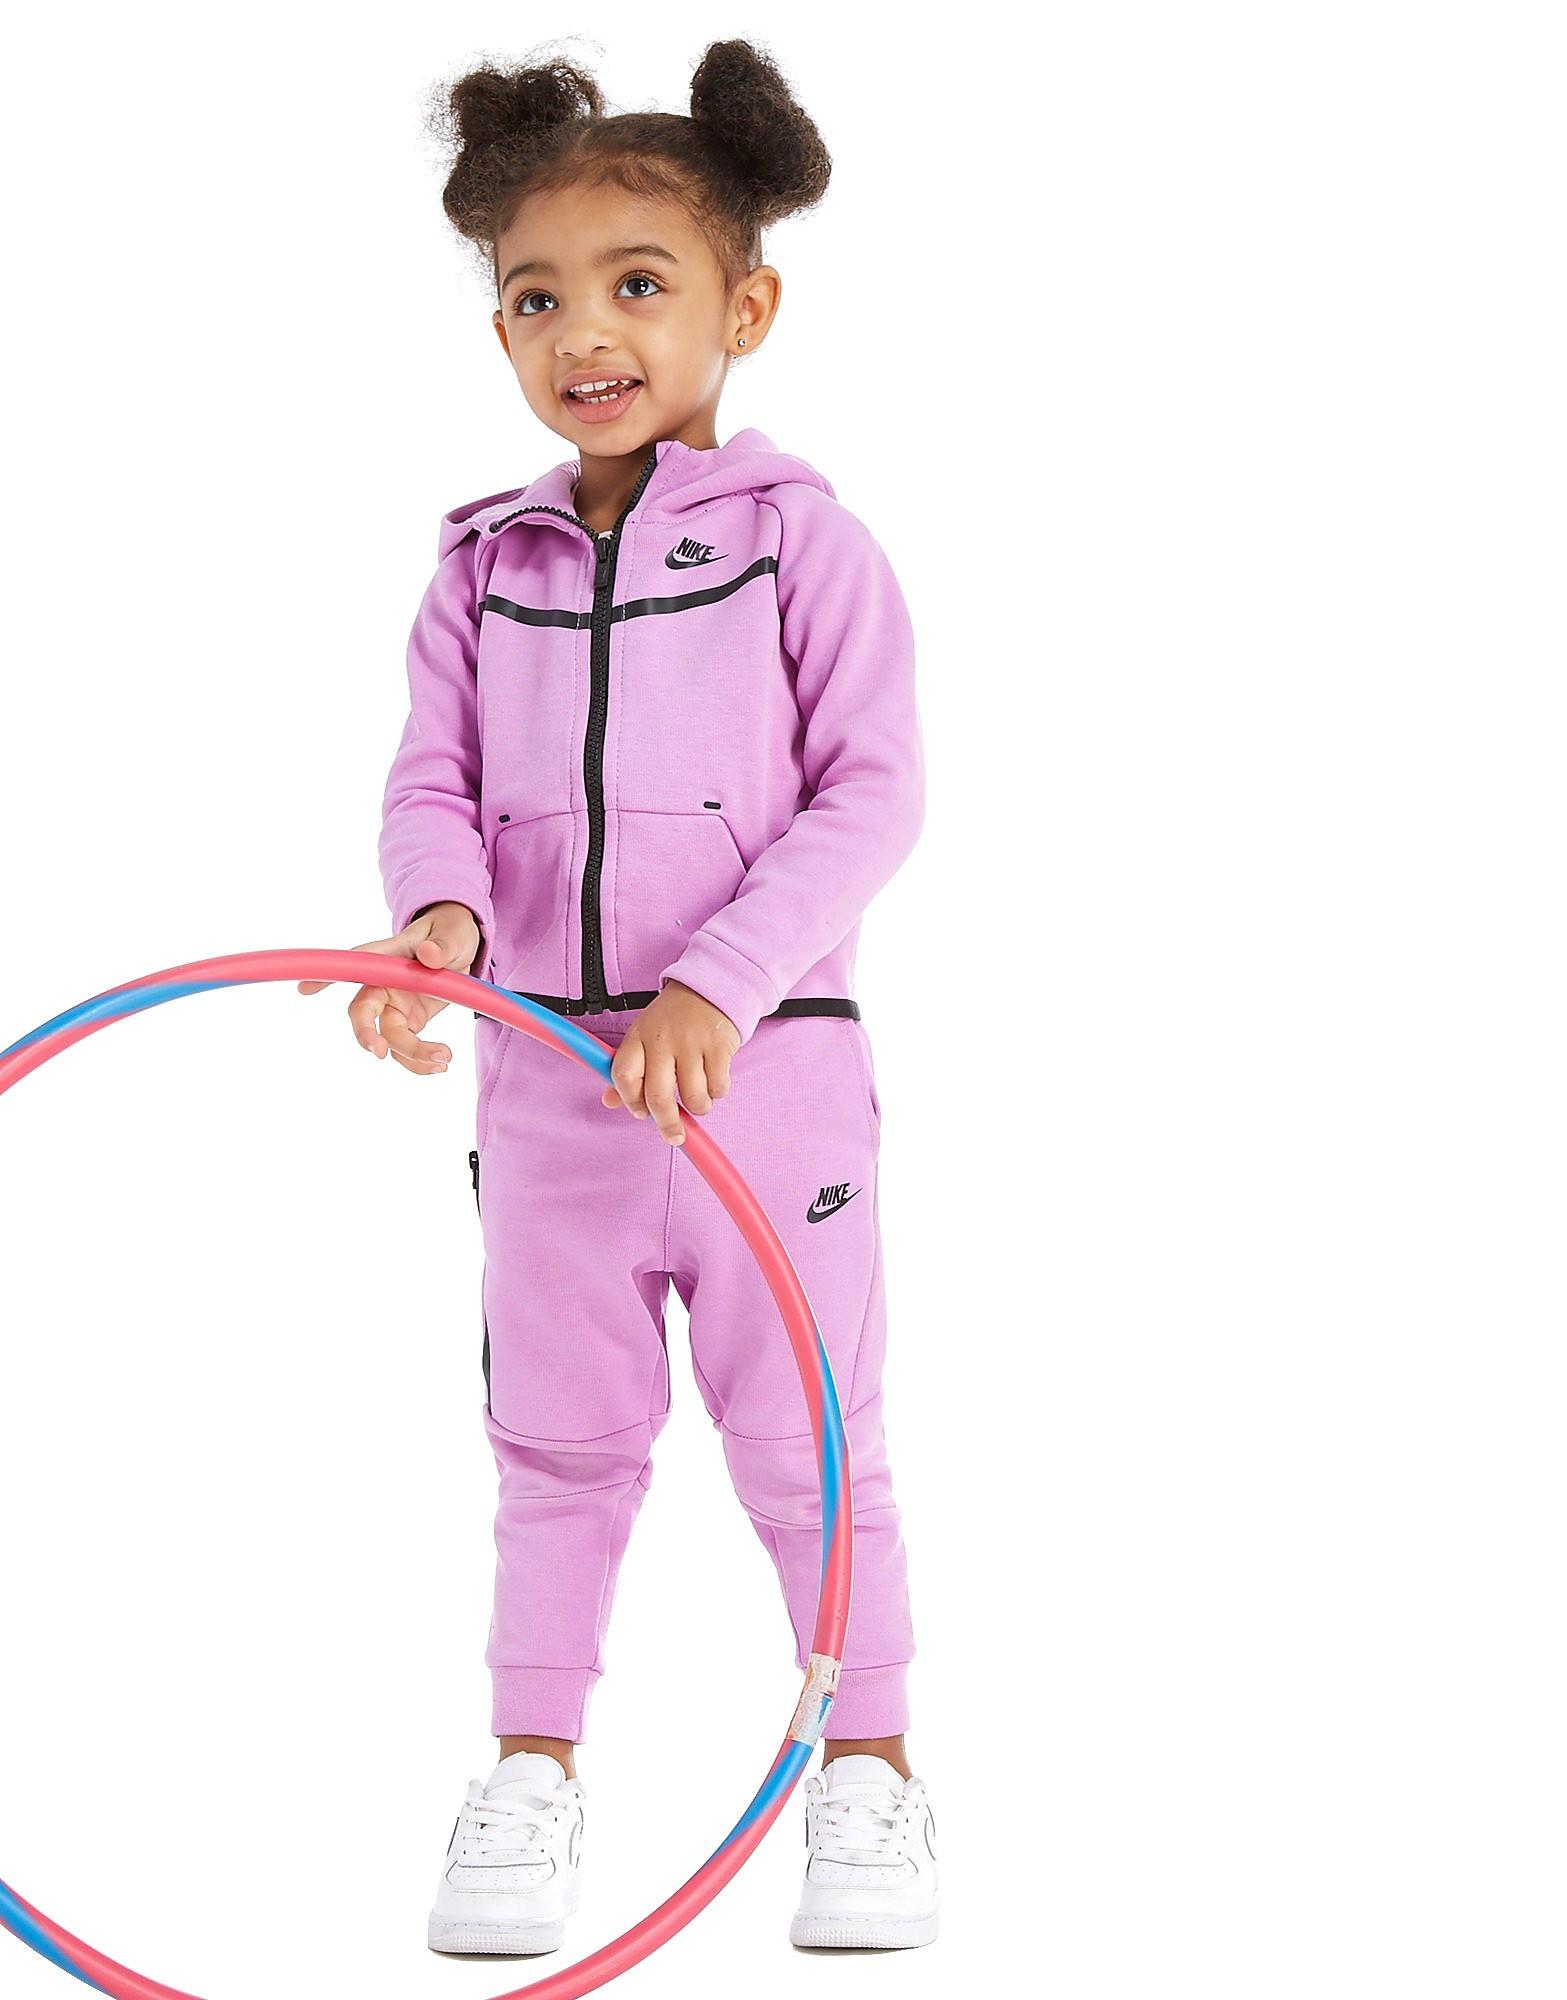 Nike Survêtement Girls' Tech Bébé